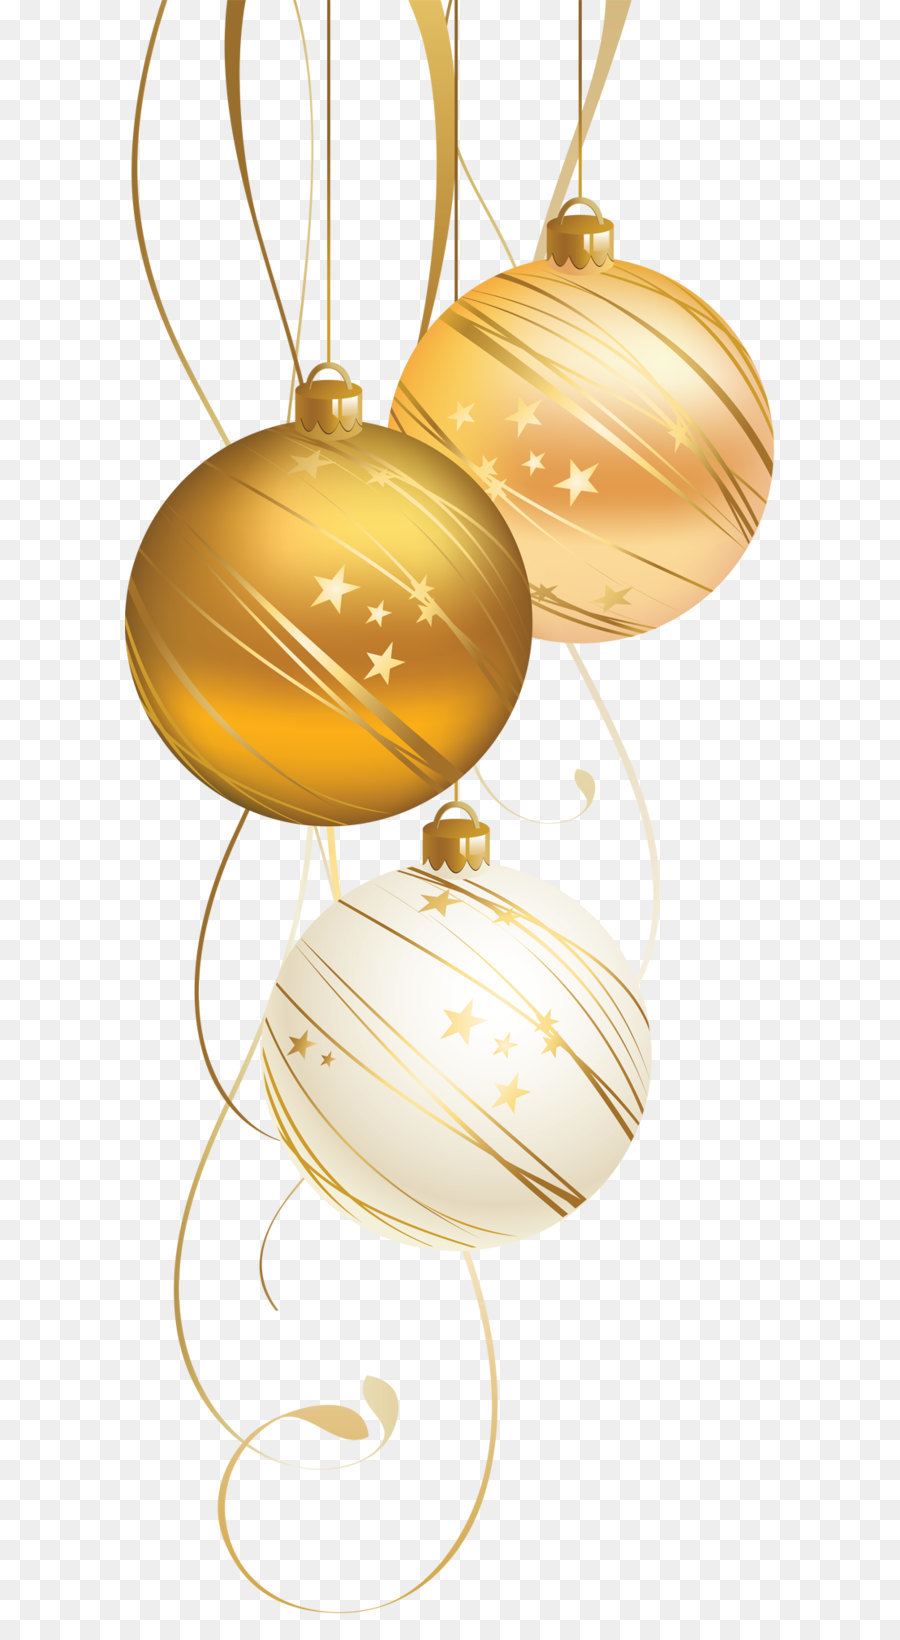 Descarga gratuita de La Navidad, Bola, Copo De Nieve imágenes PNG